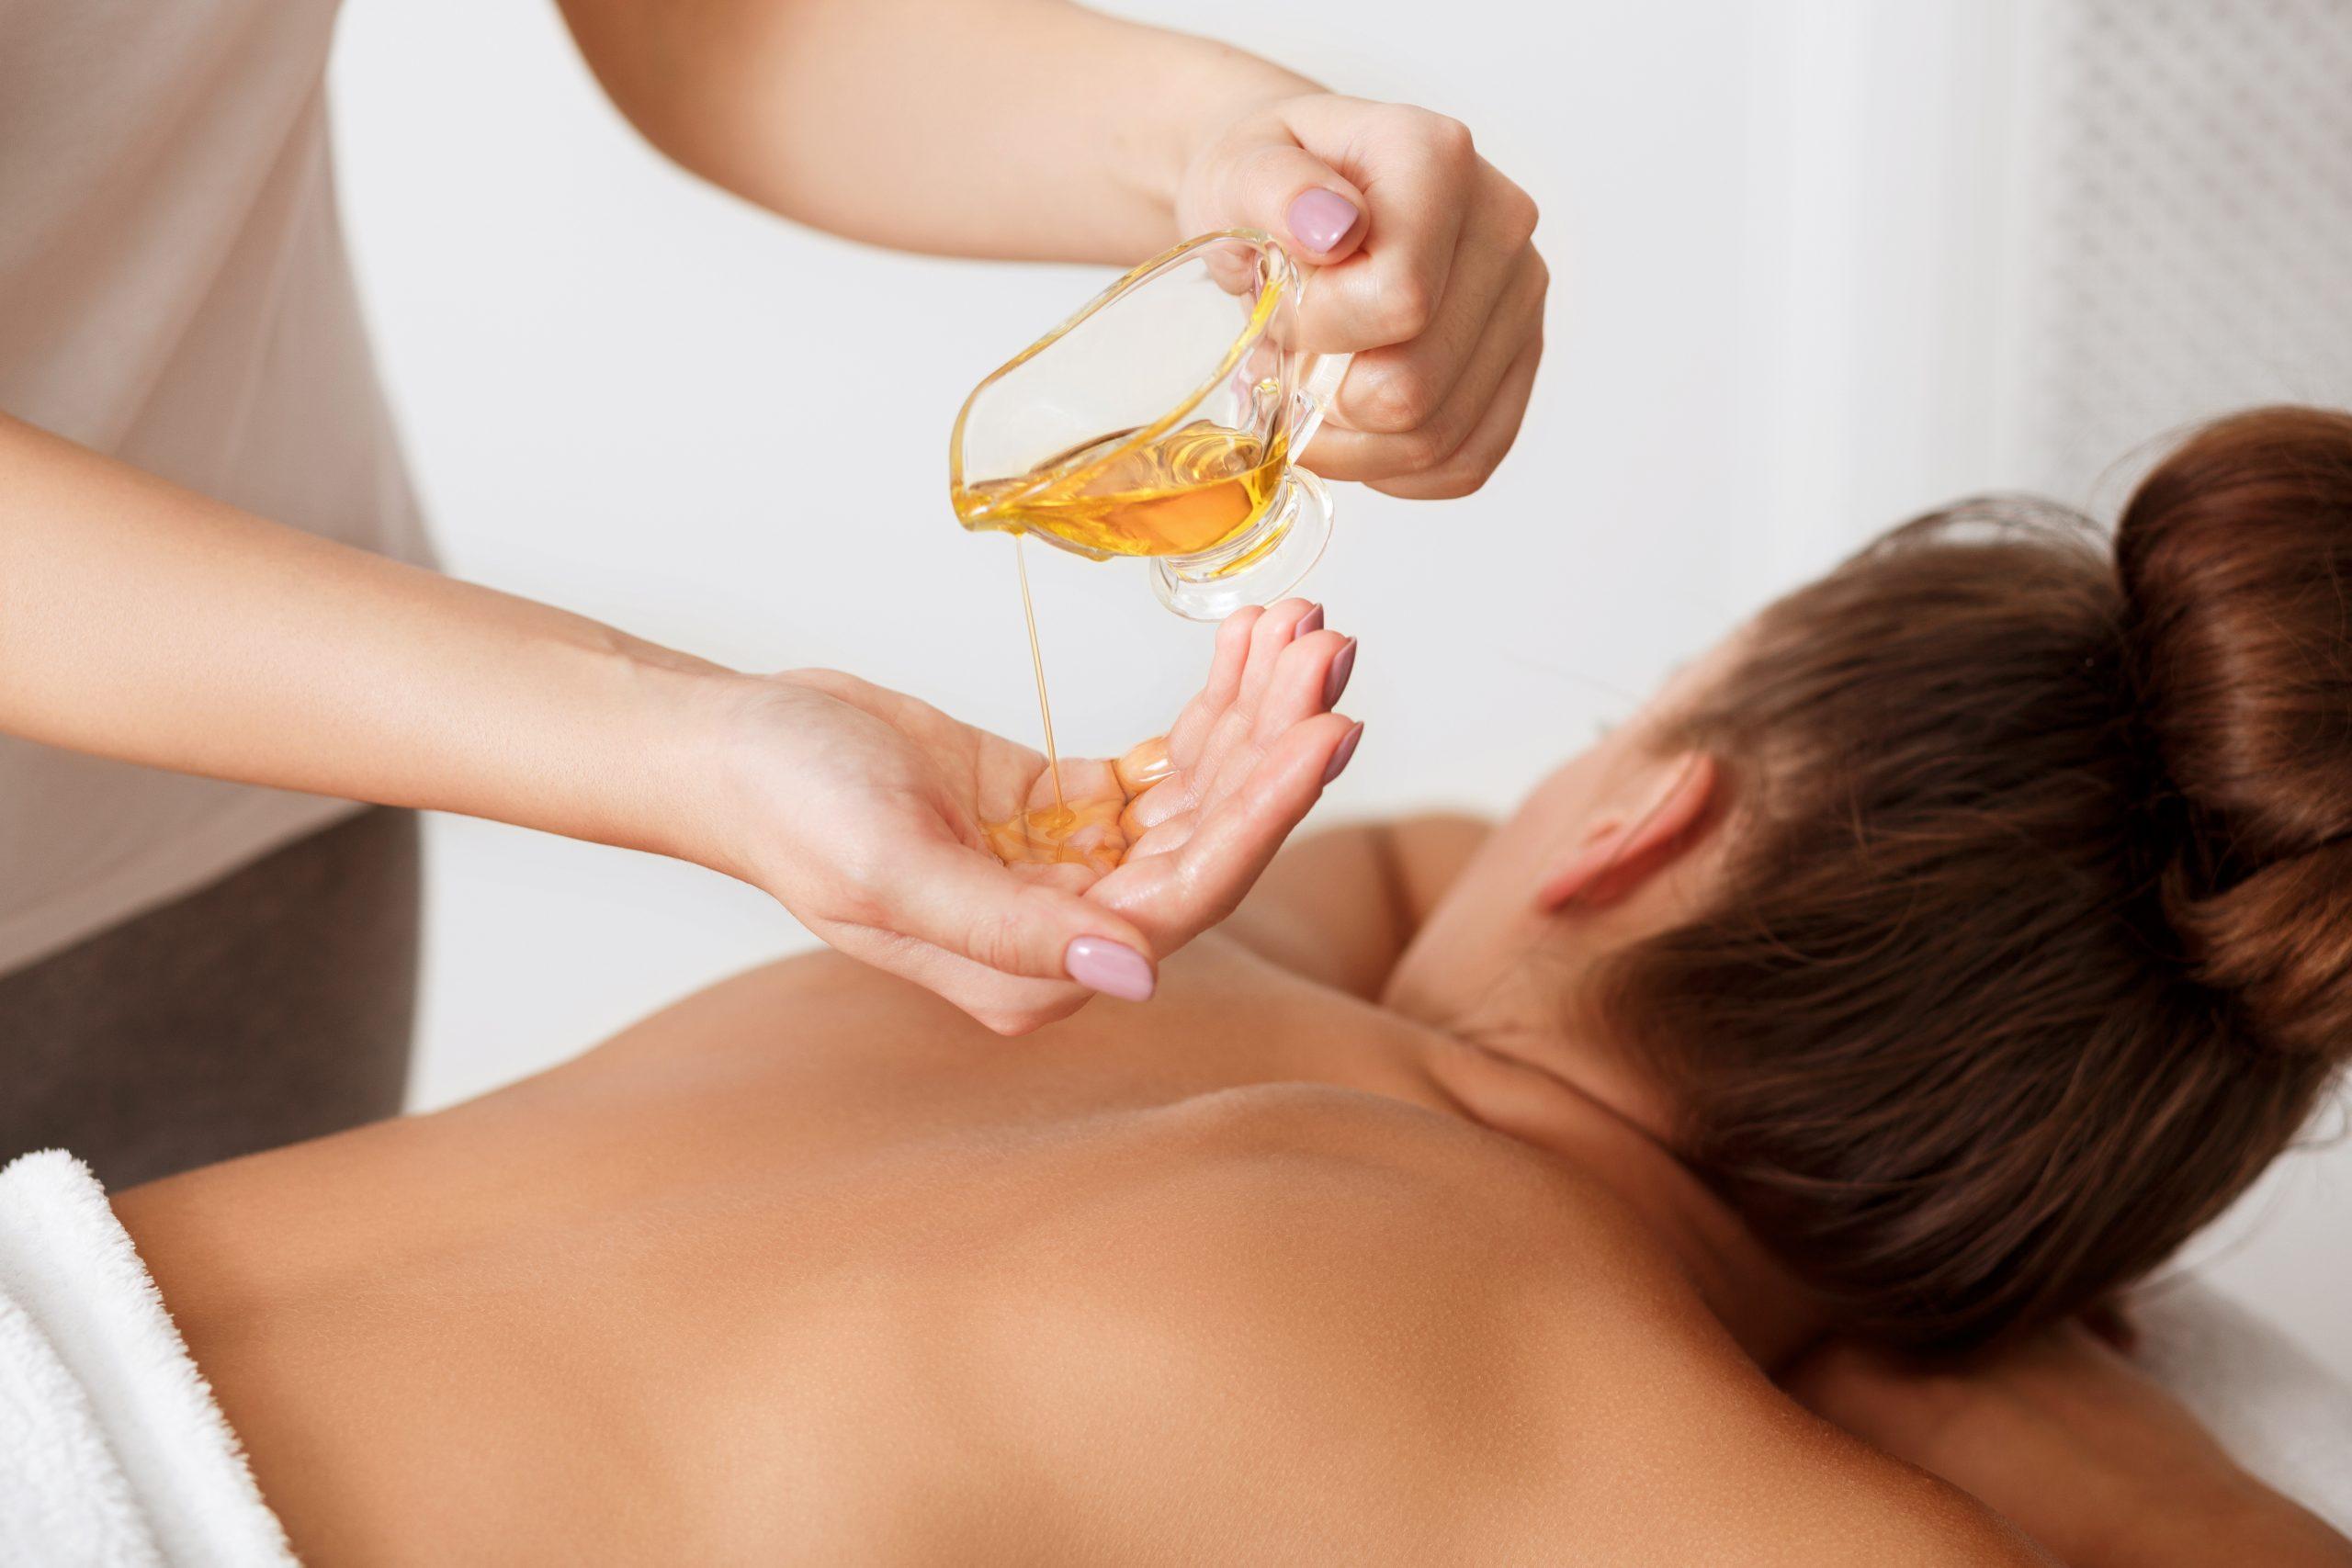 massage de la peau avec de l'huile